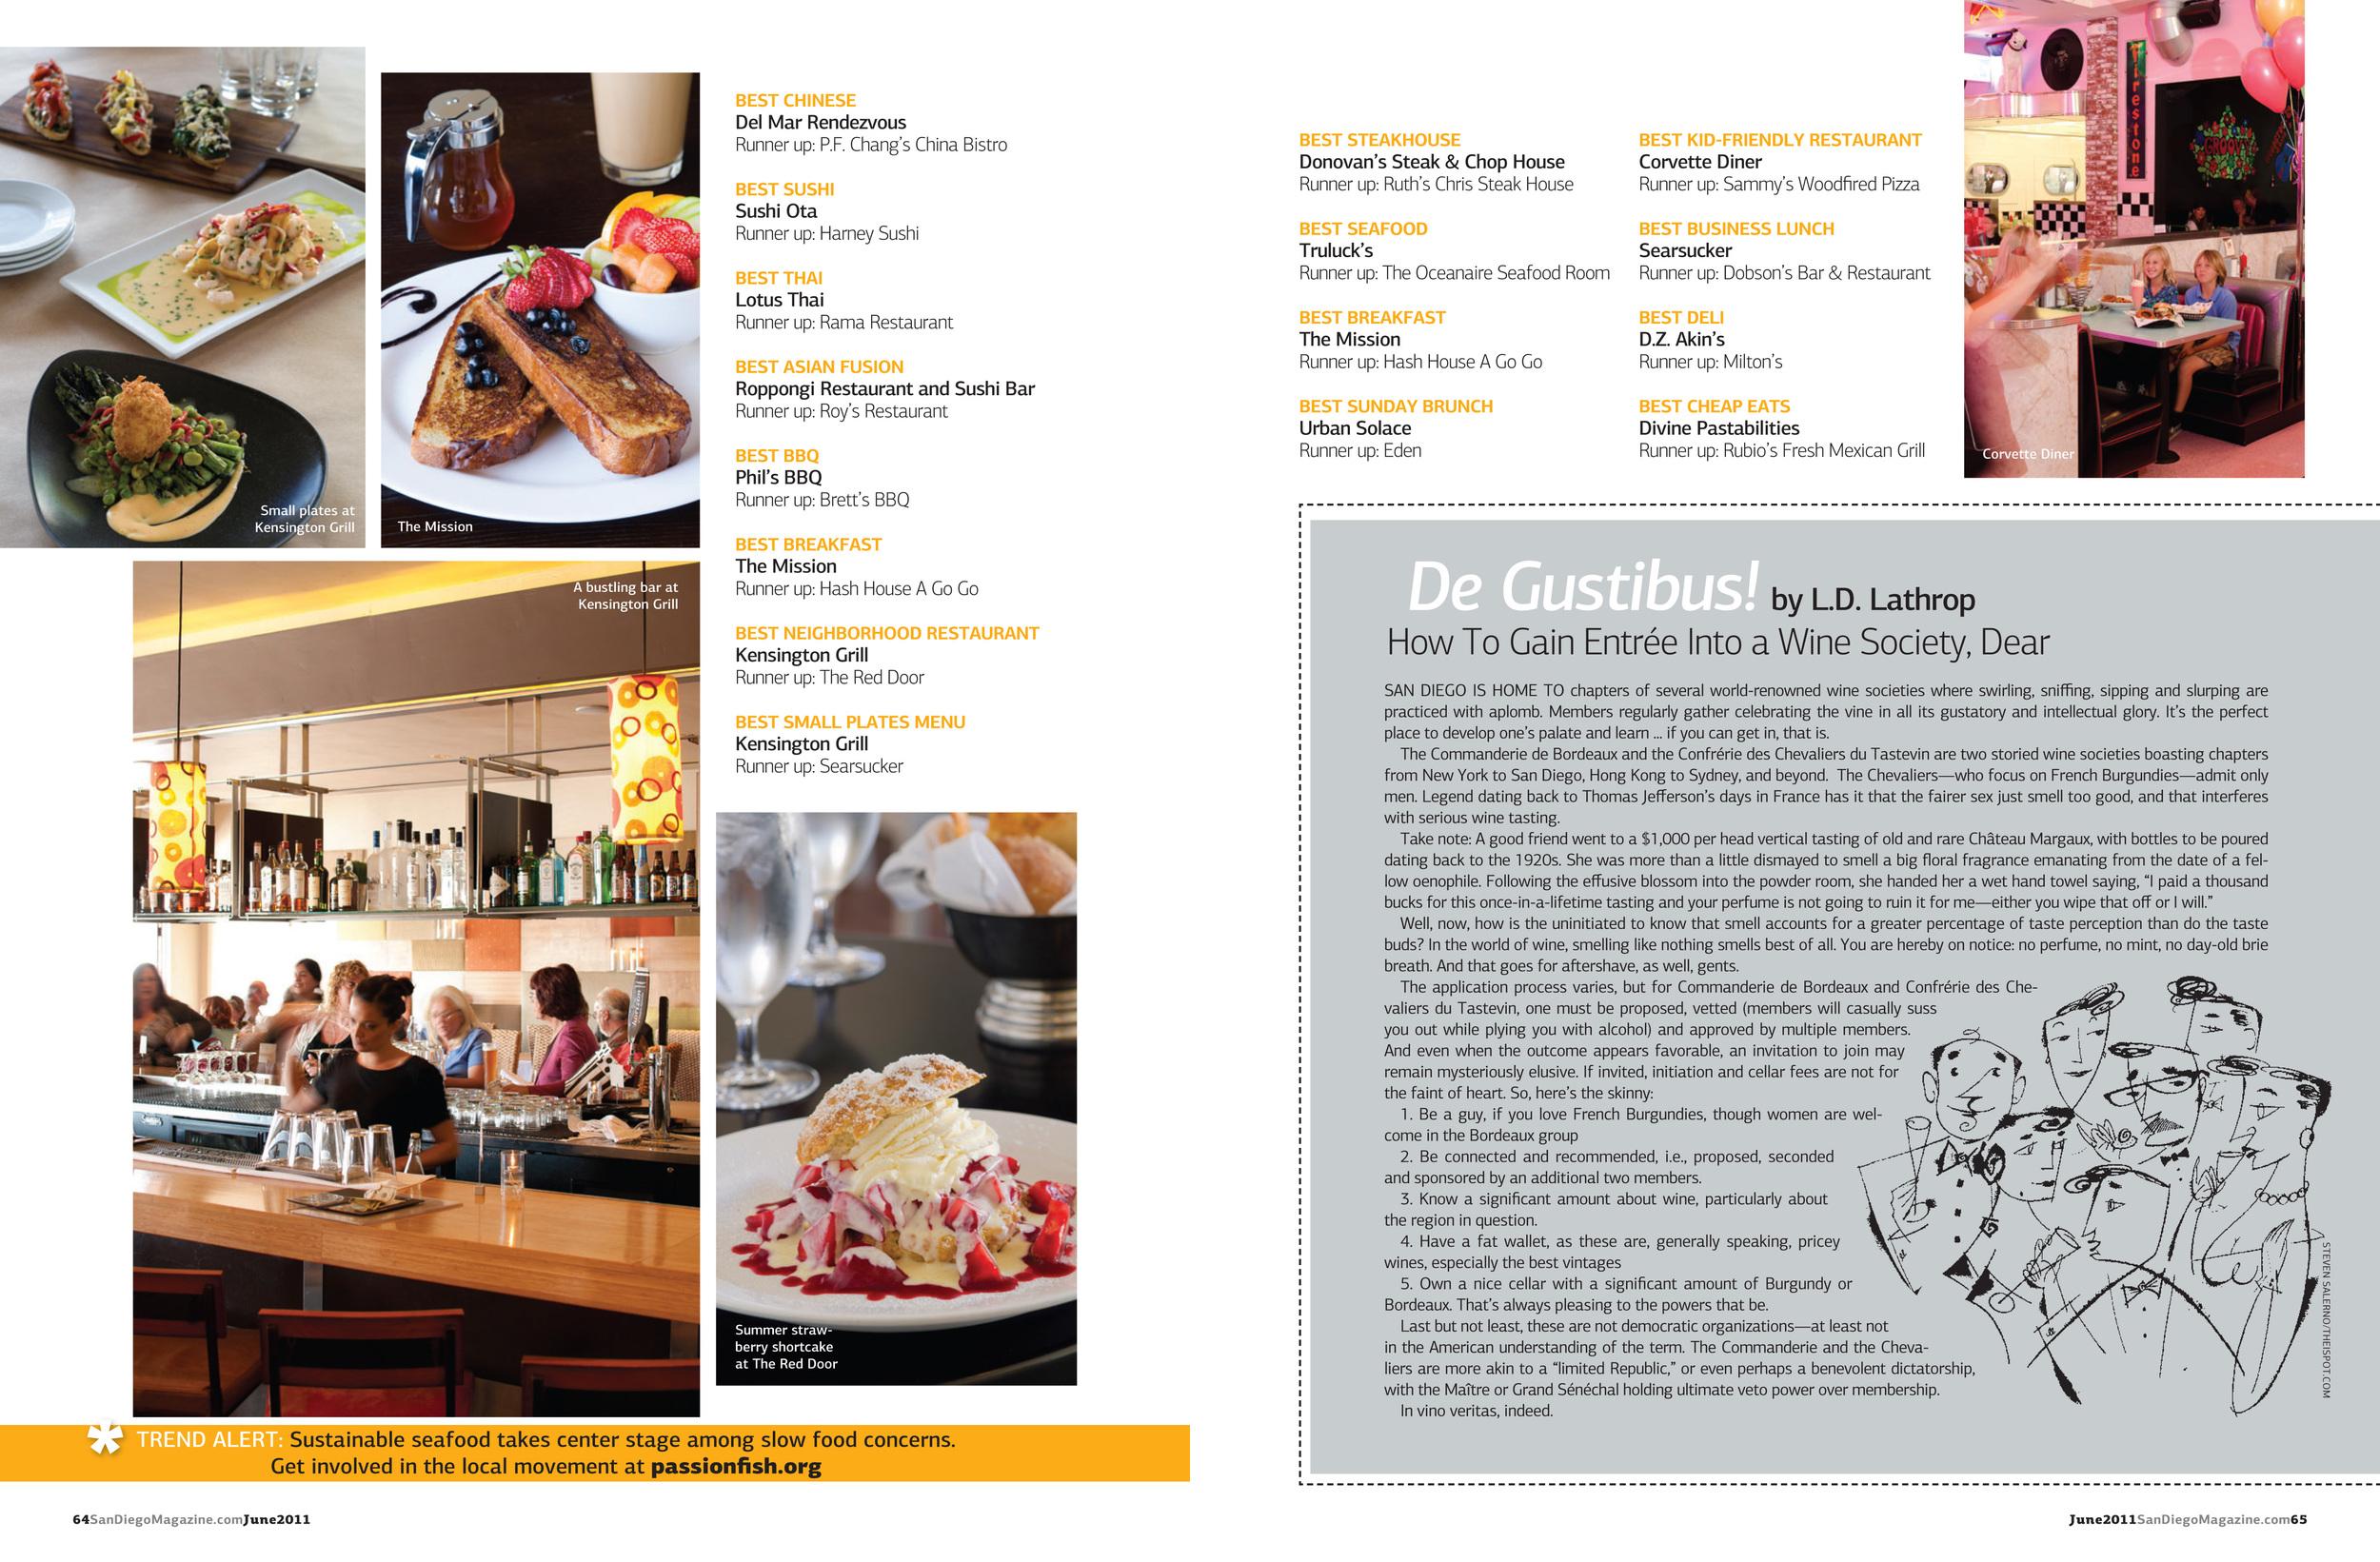 BestRestaurant June 11-5.jpg